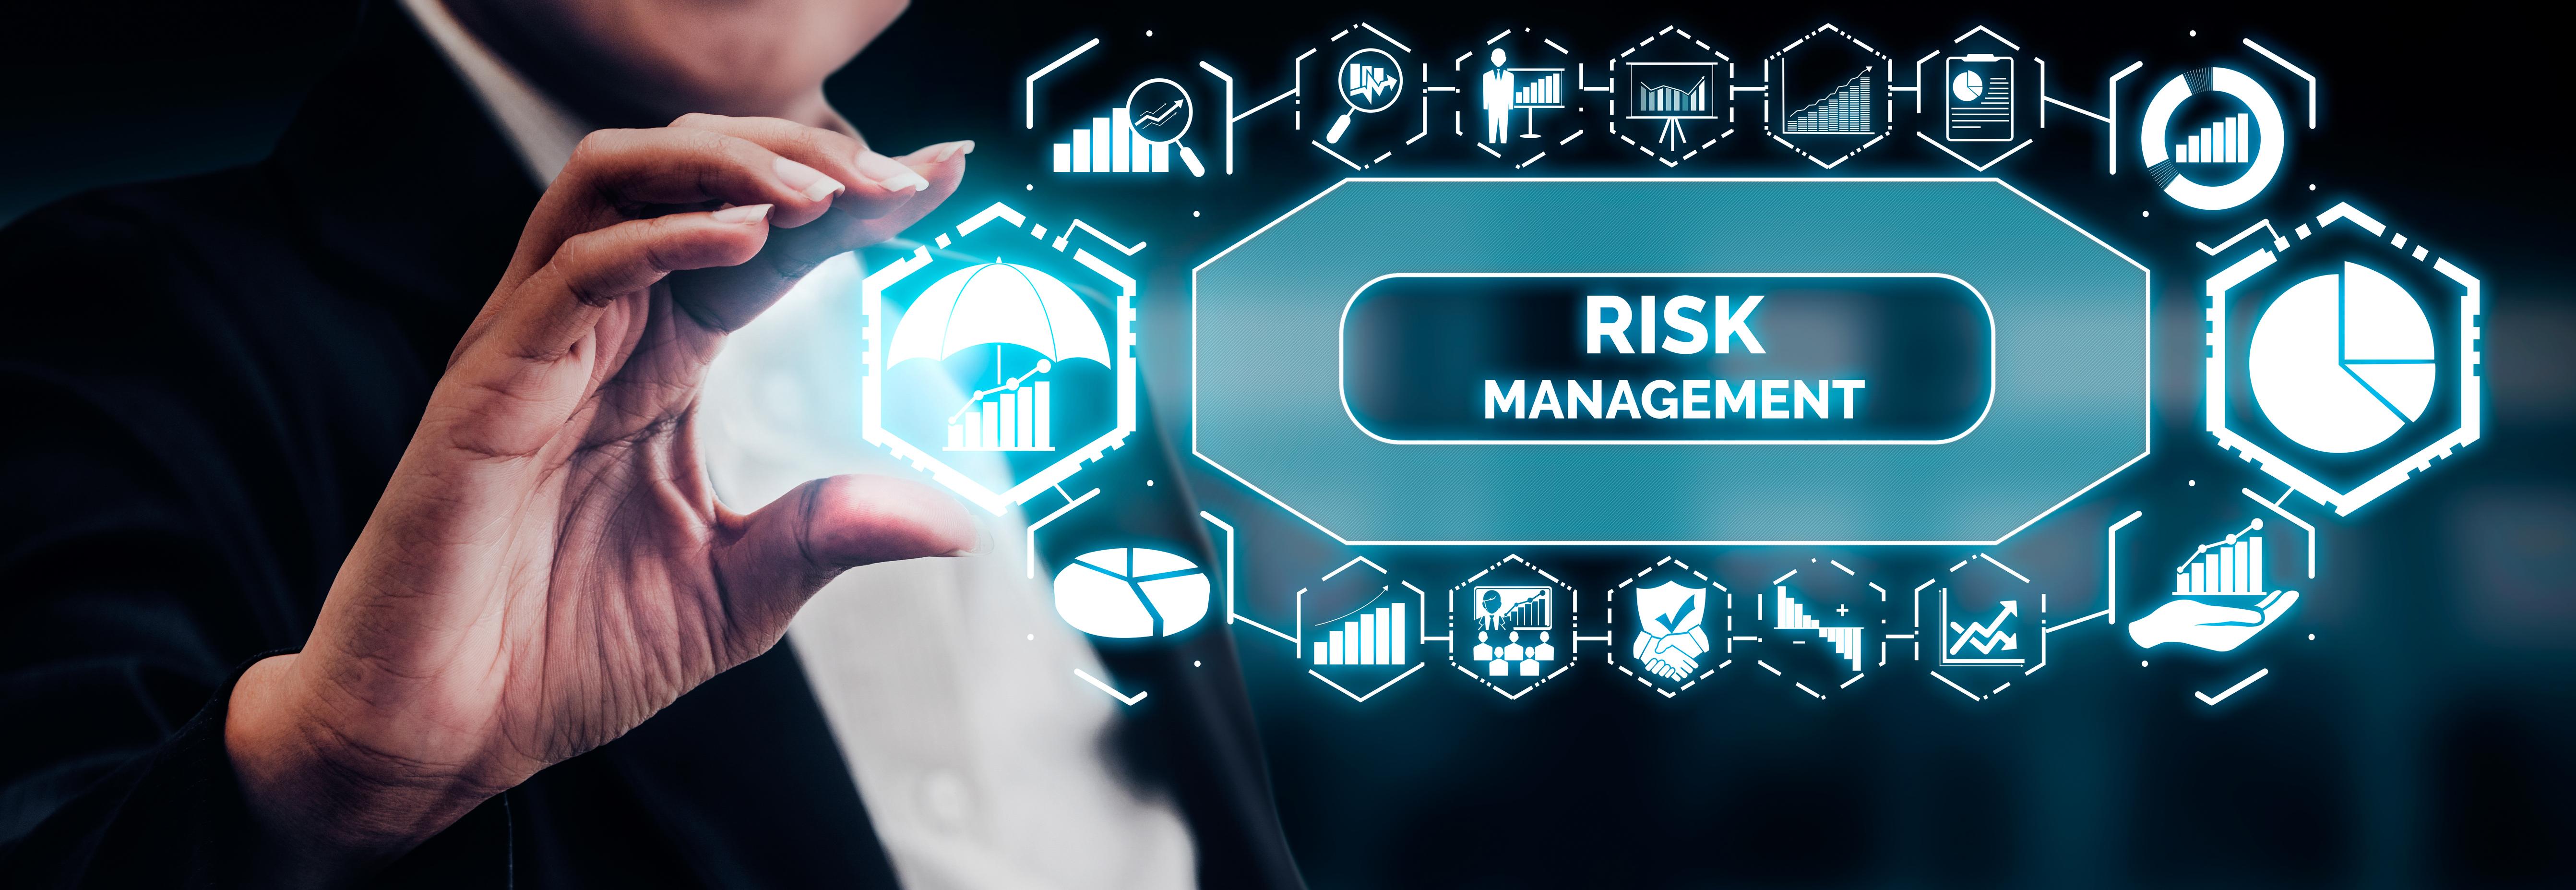 Nevoia de o nouă abordare a managementului riscului